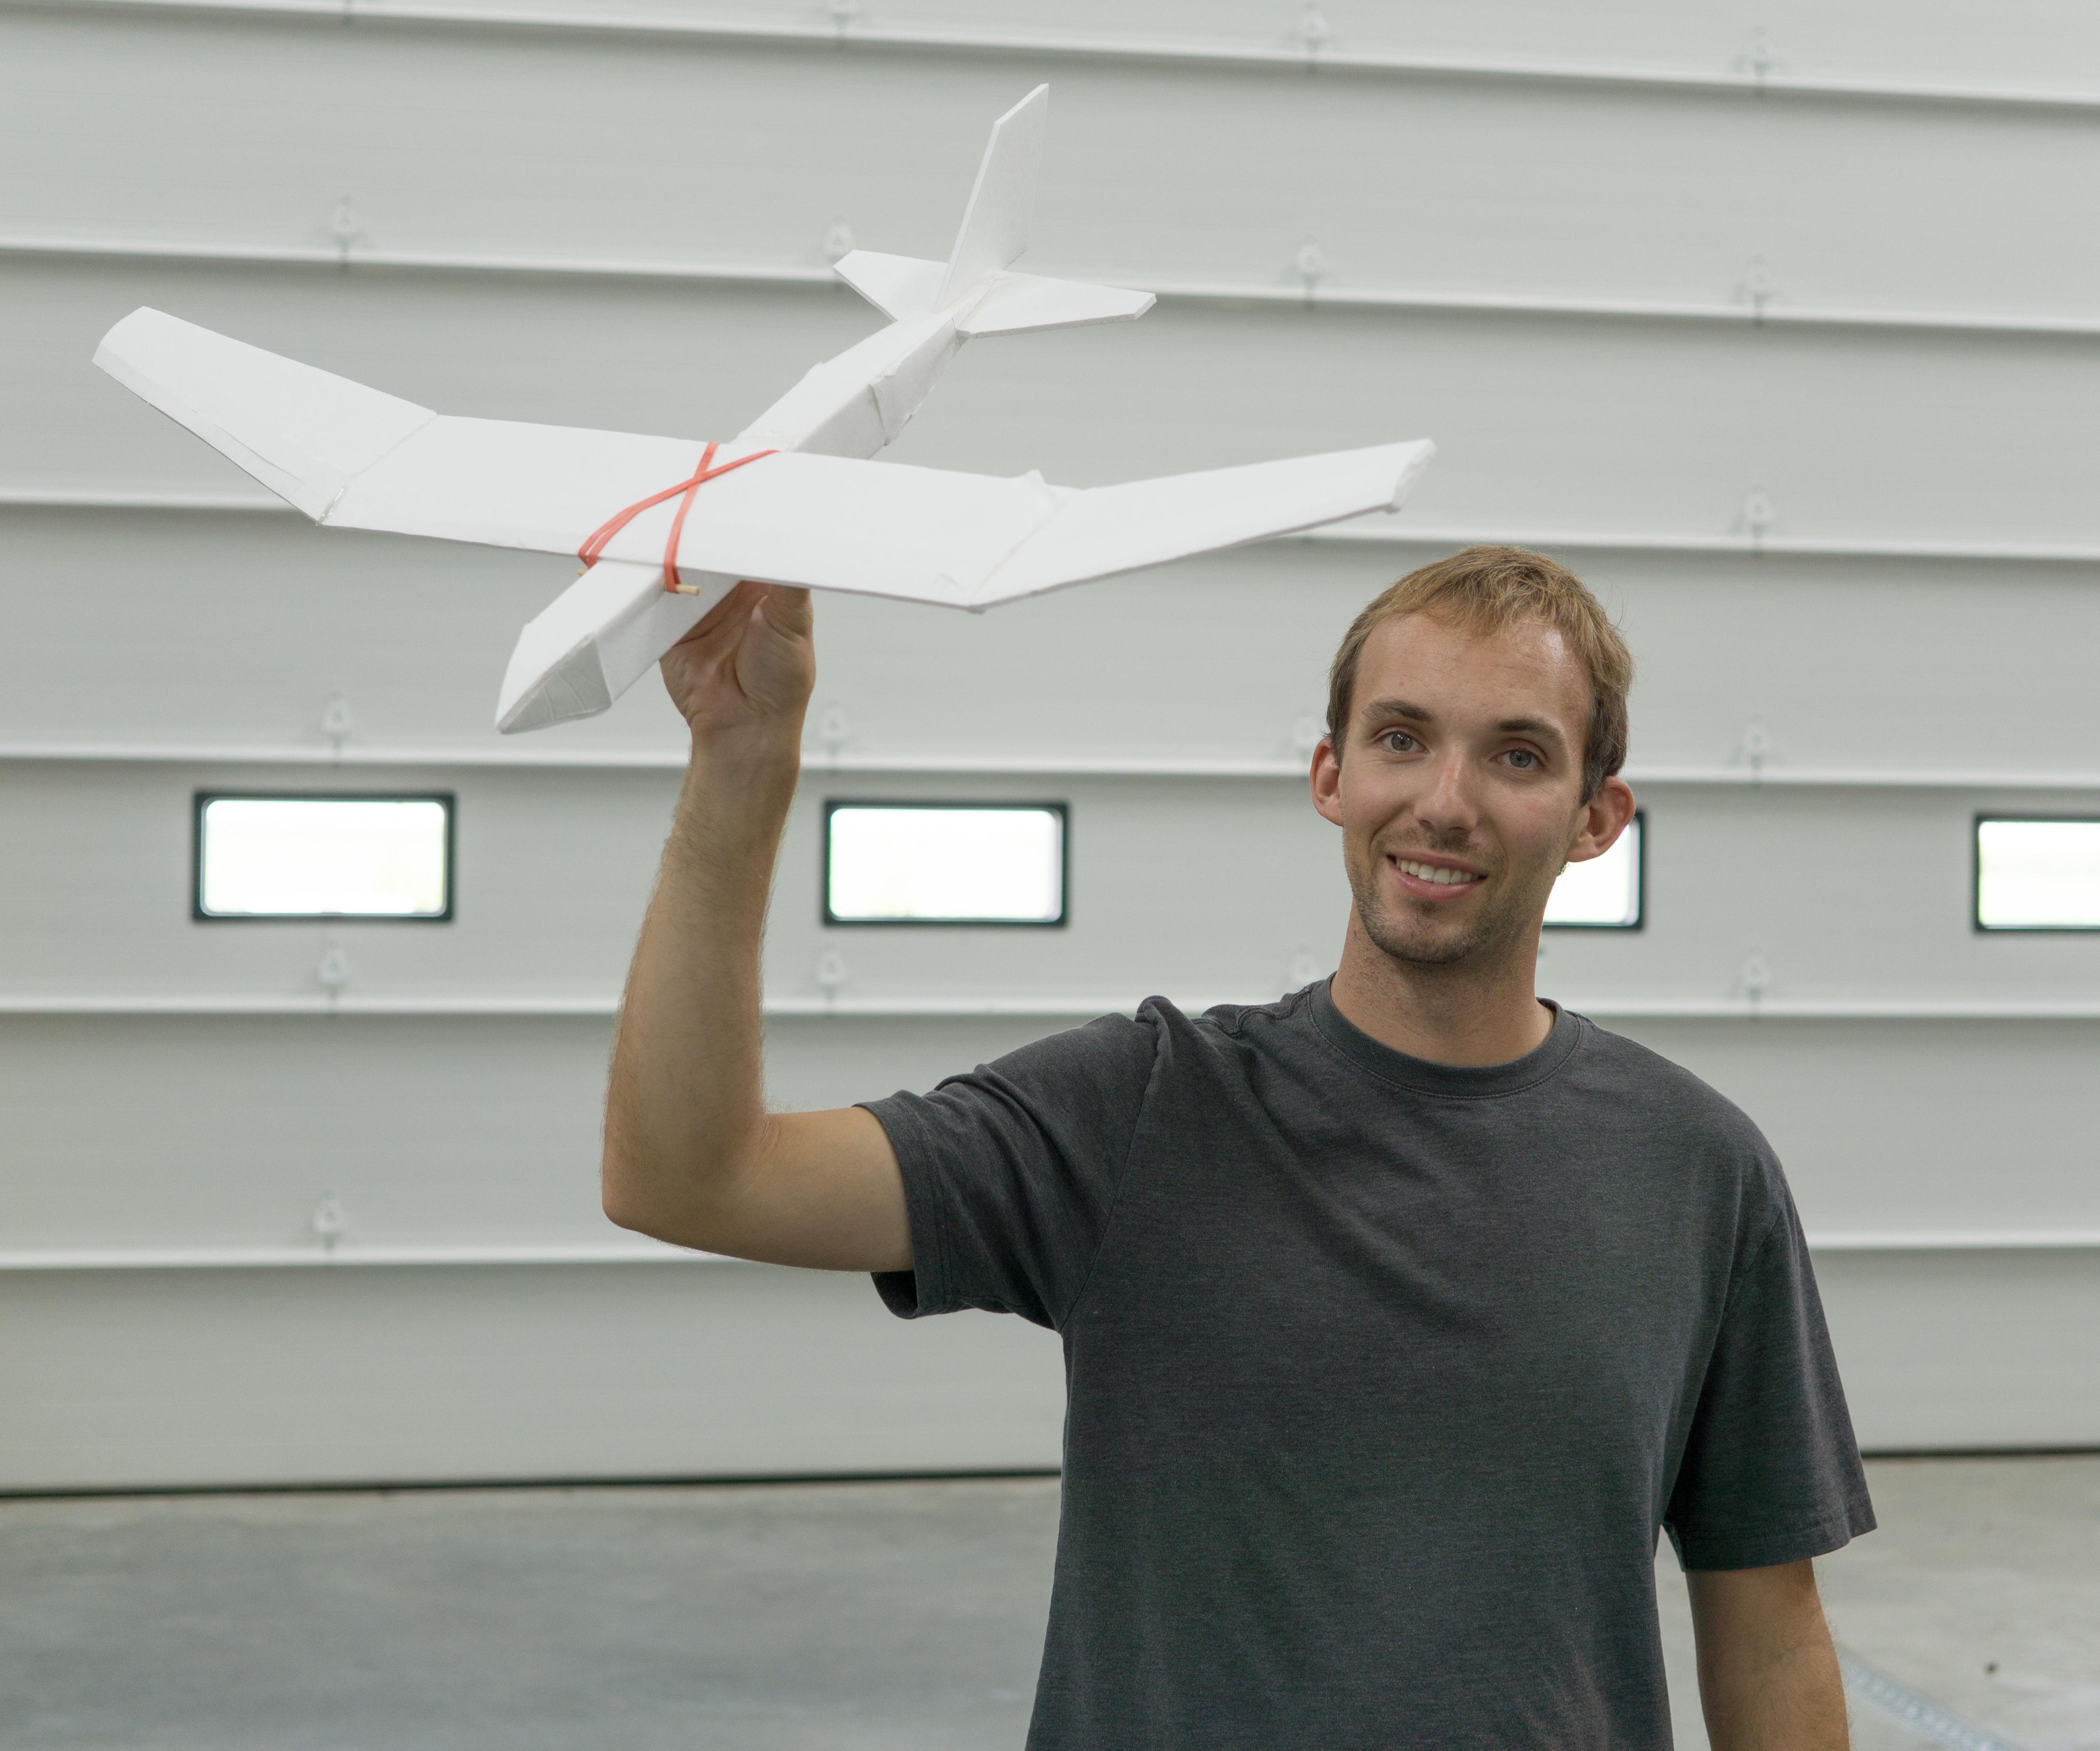 DIY Free-Flight Glider